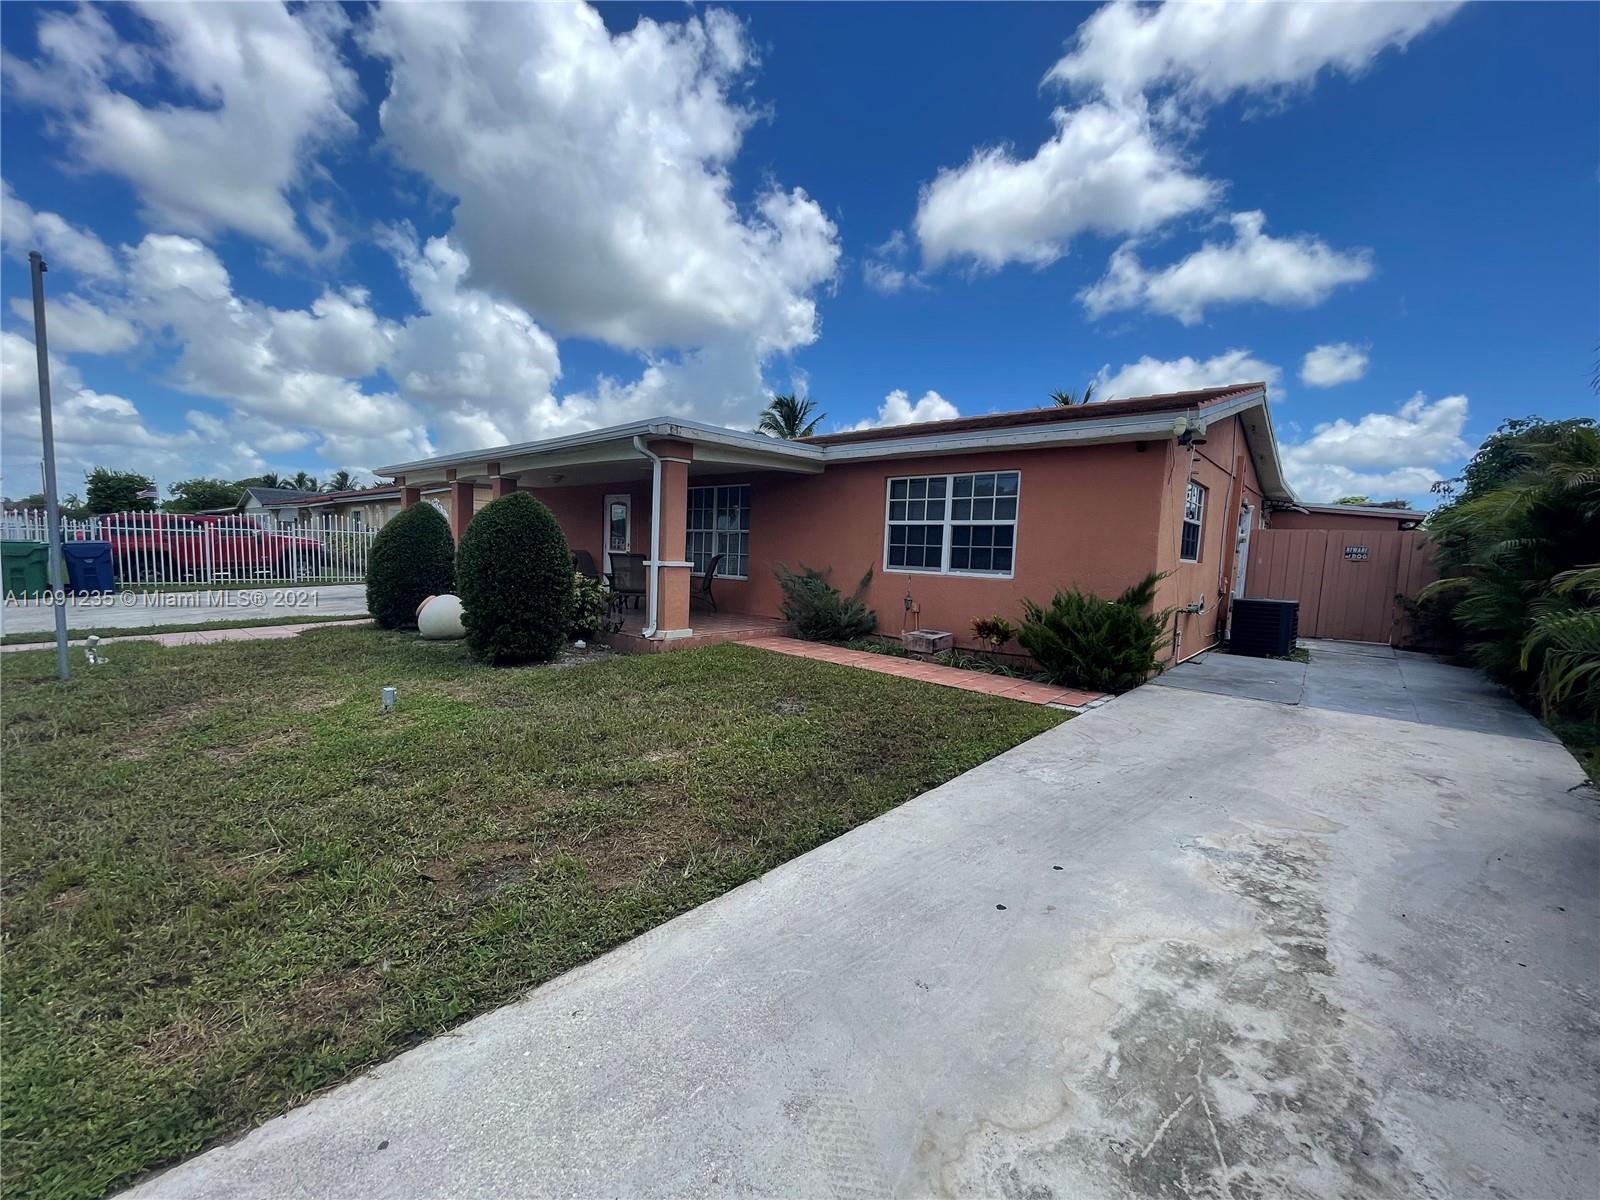 16923 53rd Ave, Miami Gardens, Florida 33055